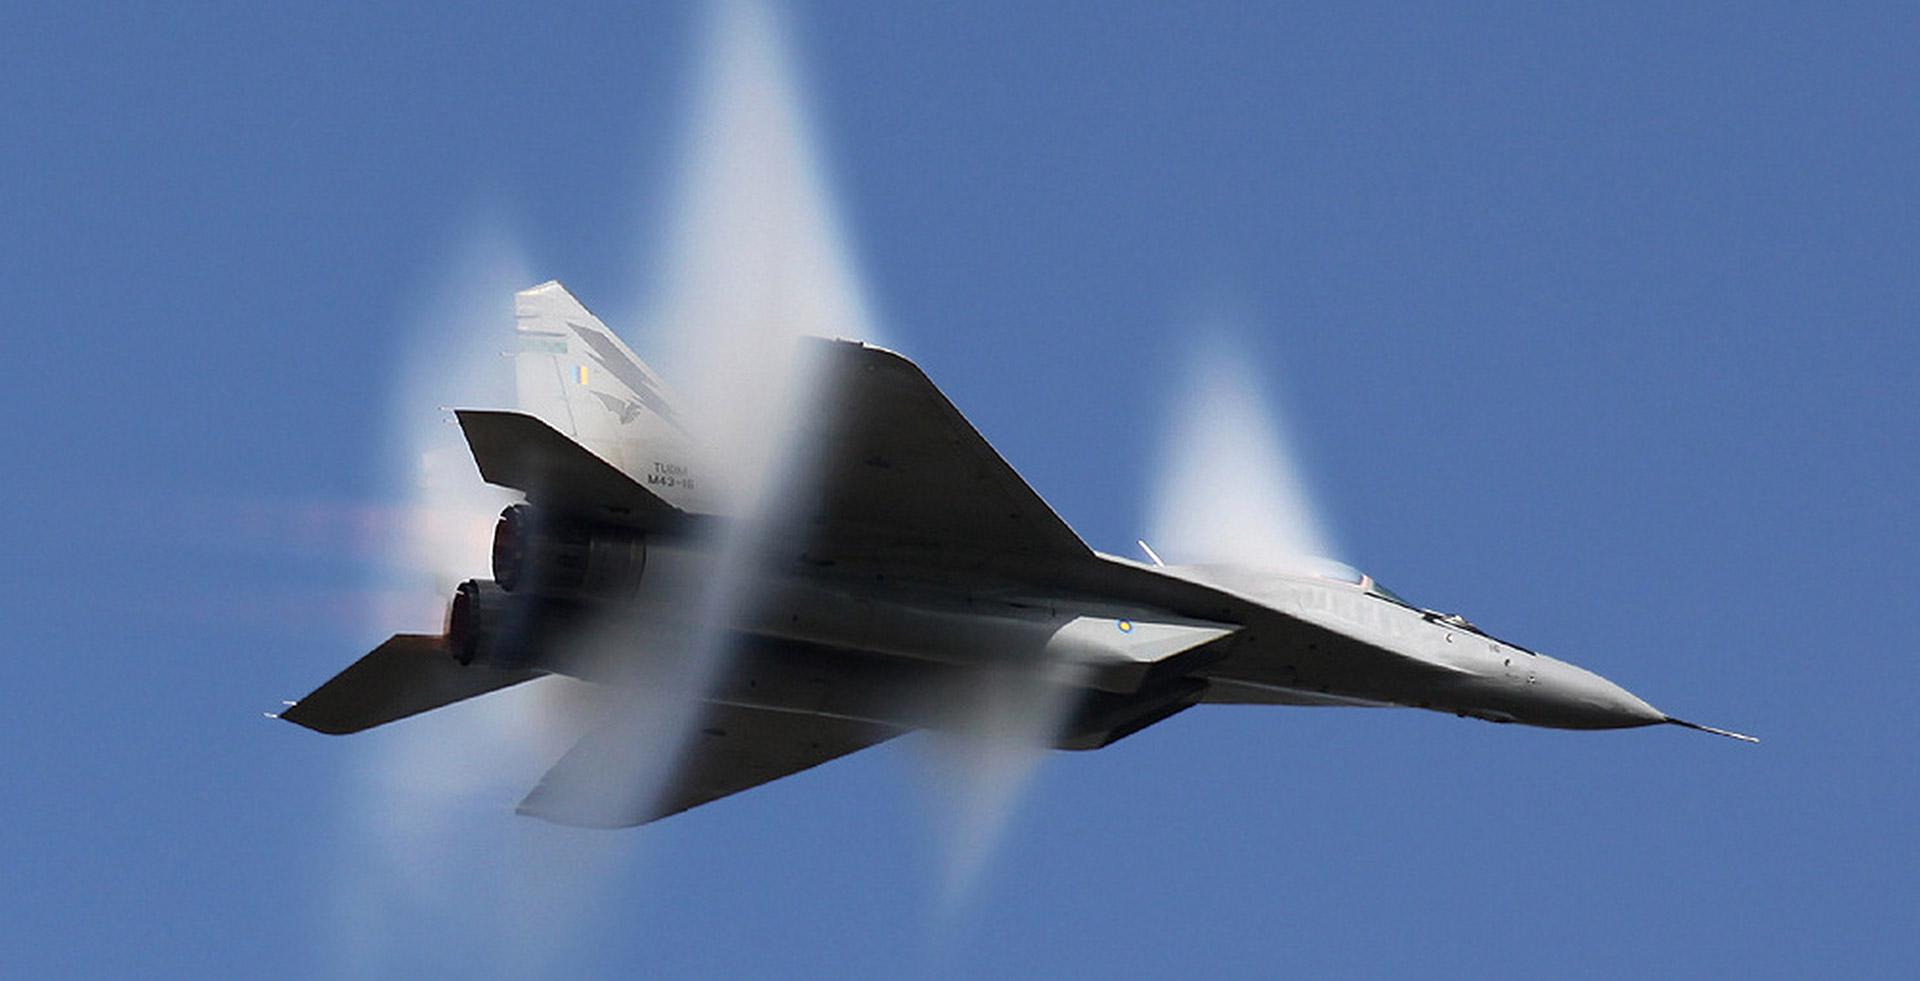 Vol Supersonique en MiG-29